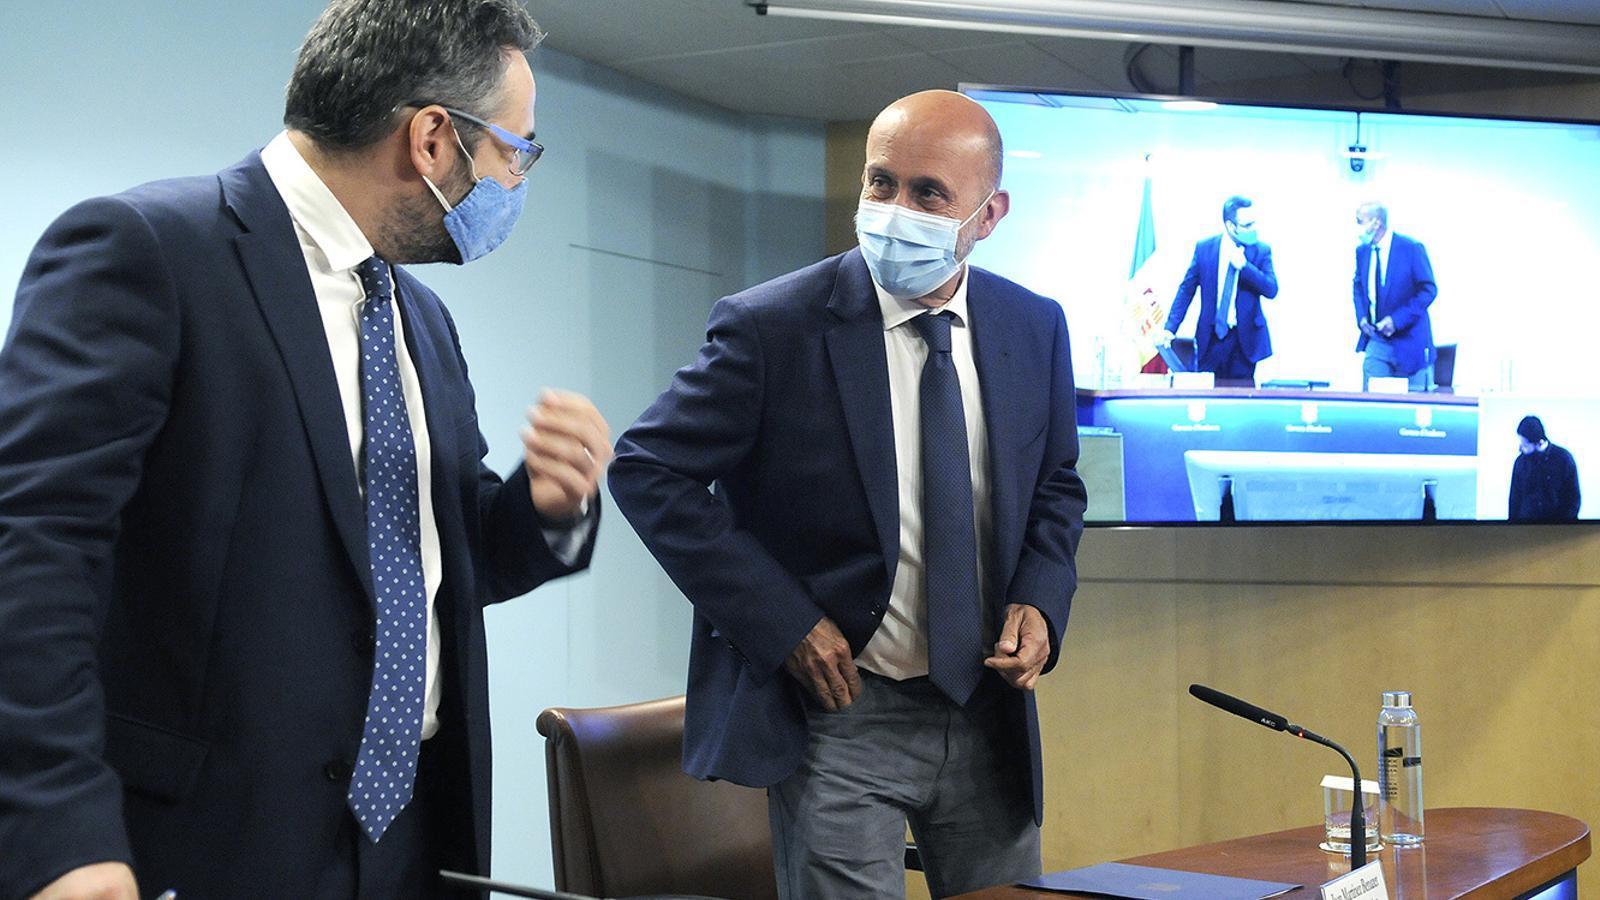 Els ministres portaveu i de Salut, Eric Jover i Joan Martínez Benazet, amb la mascareta posada. / SFG